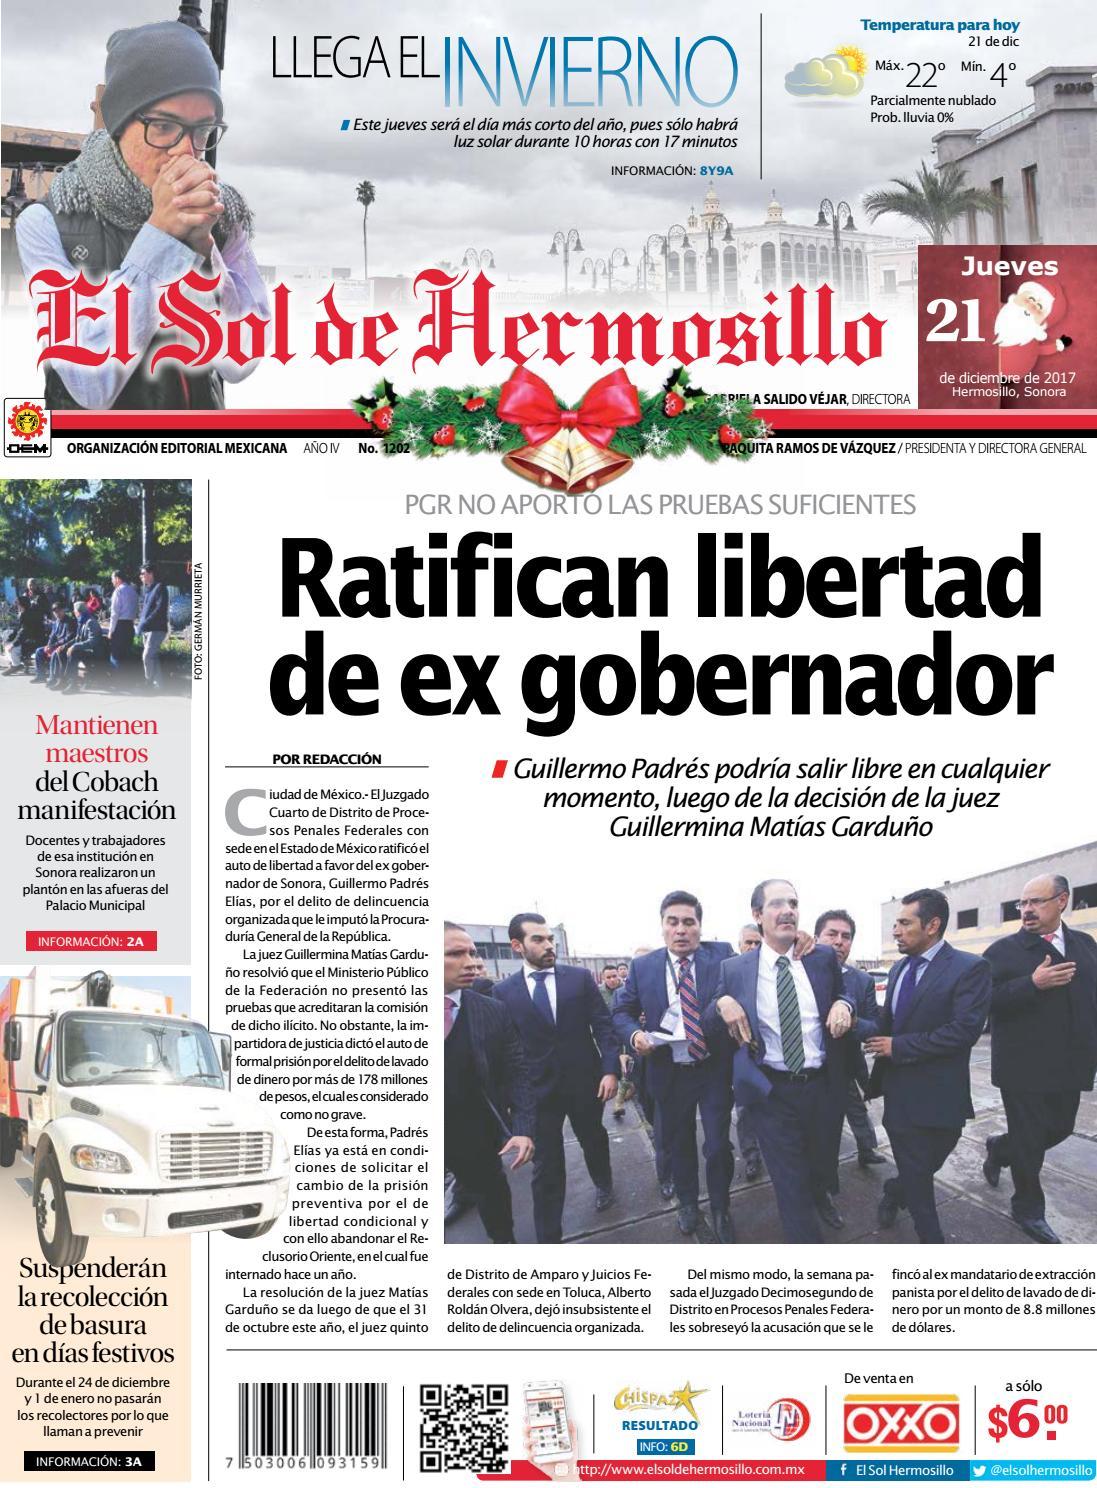 Mujeres Solteras Hermosillo Si - 761310